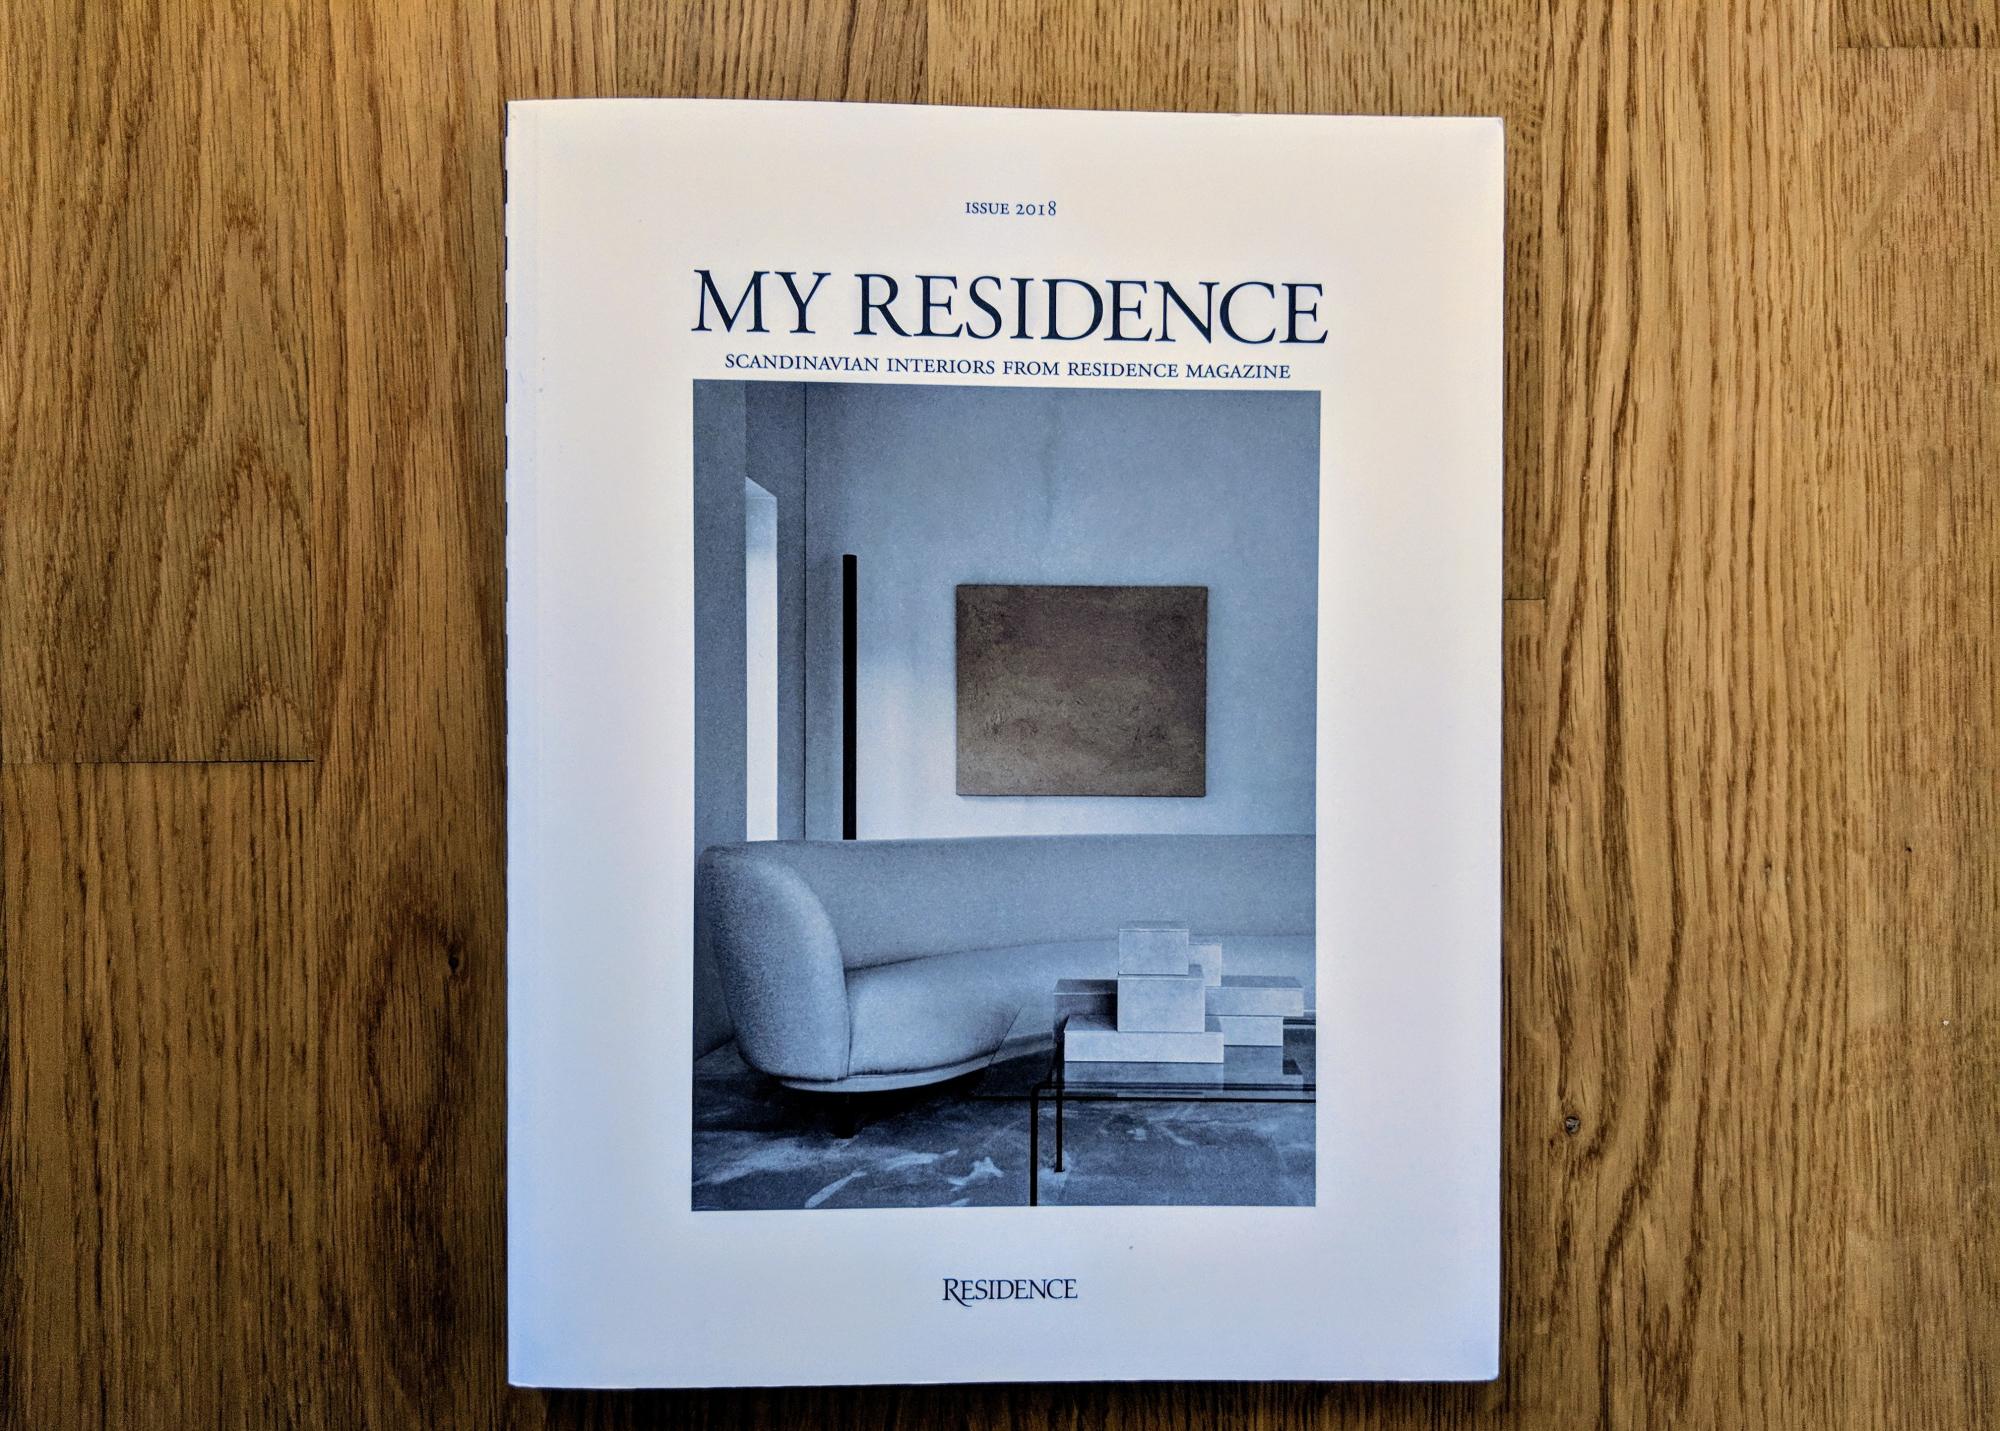 My Residence ist eine skandinavische Einrichtungszeitschrift.